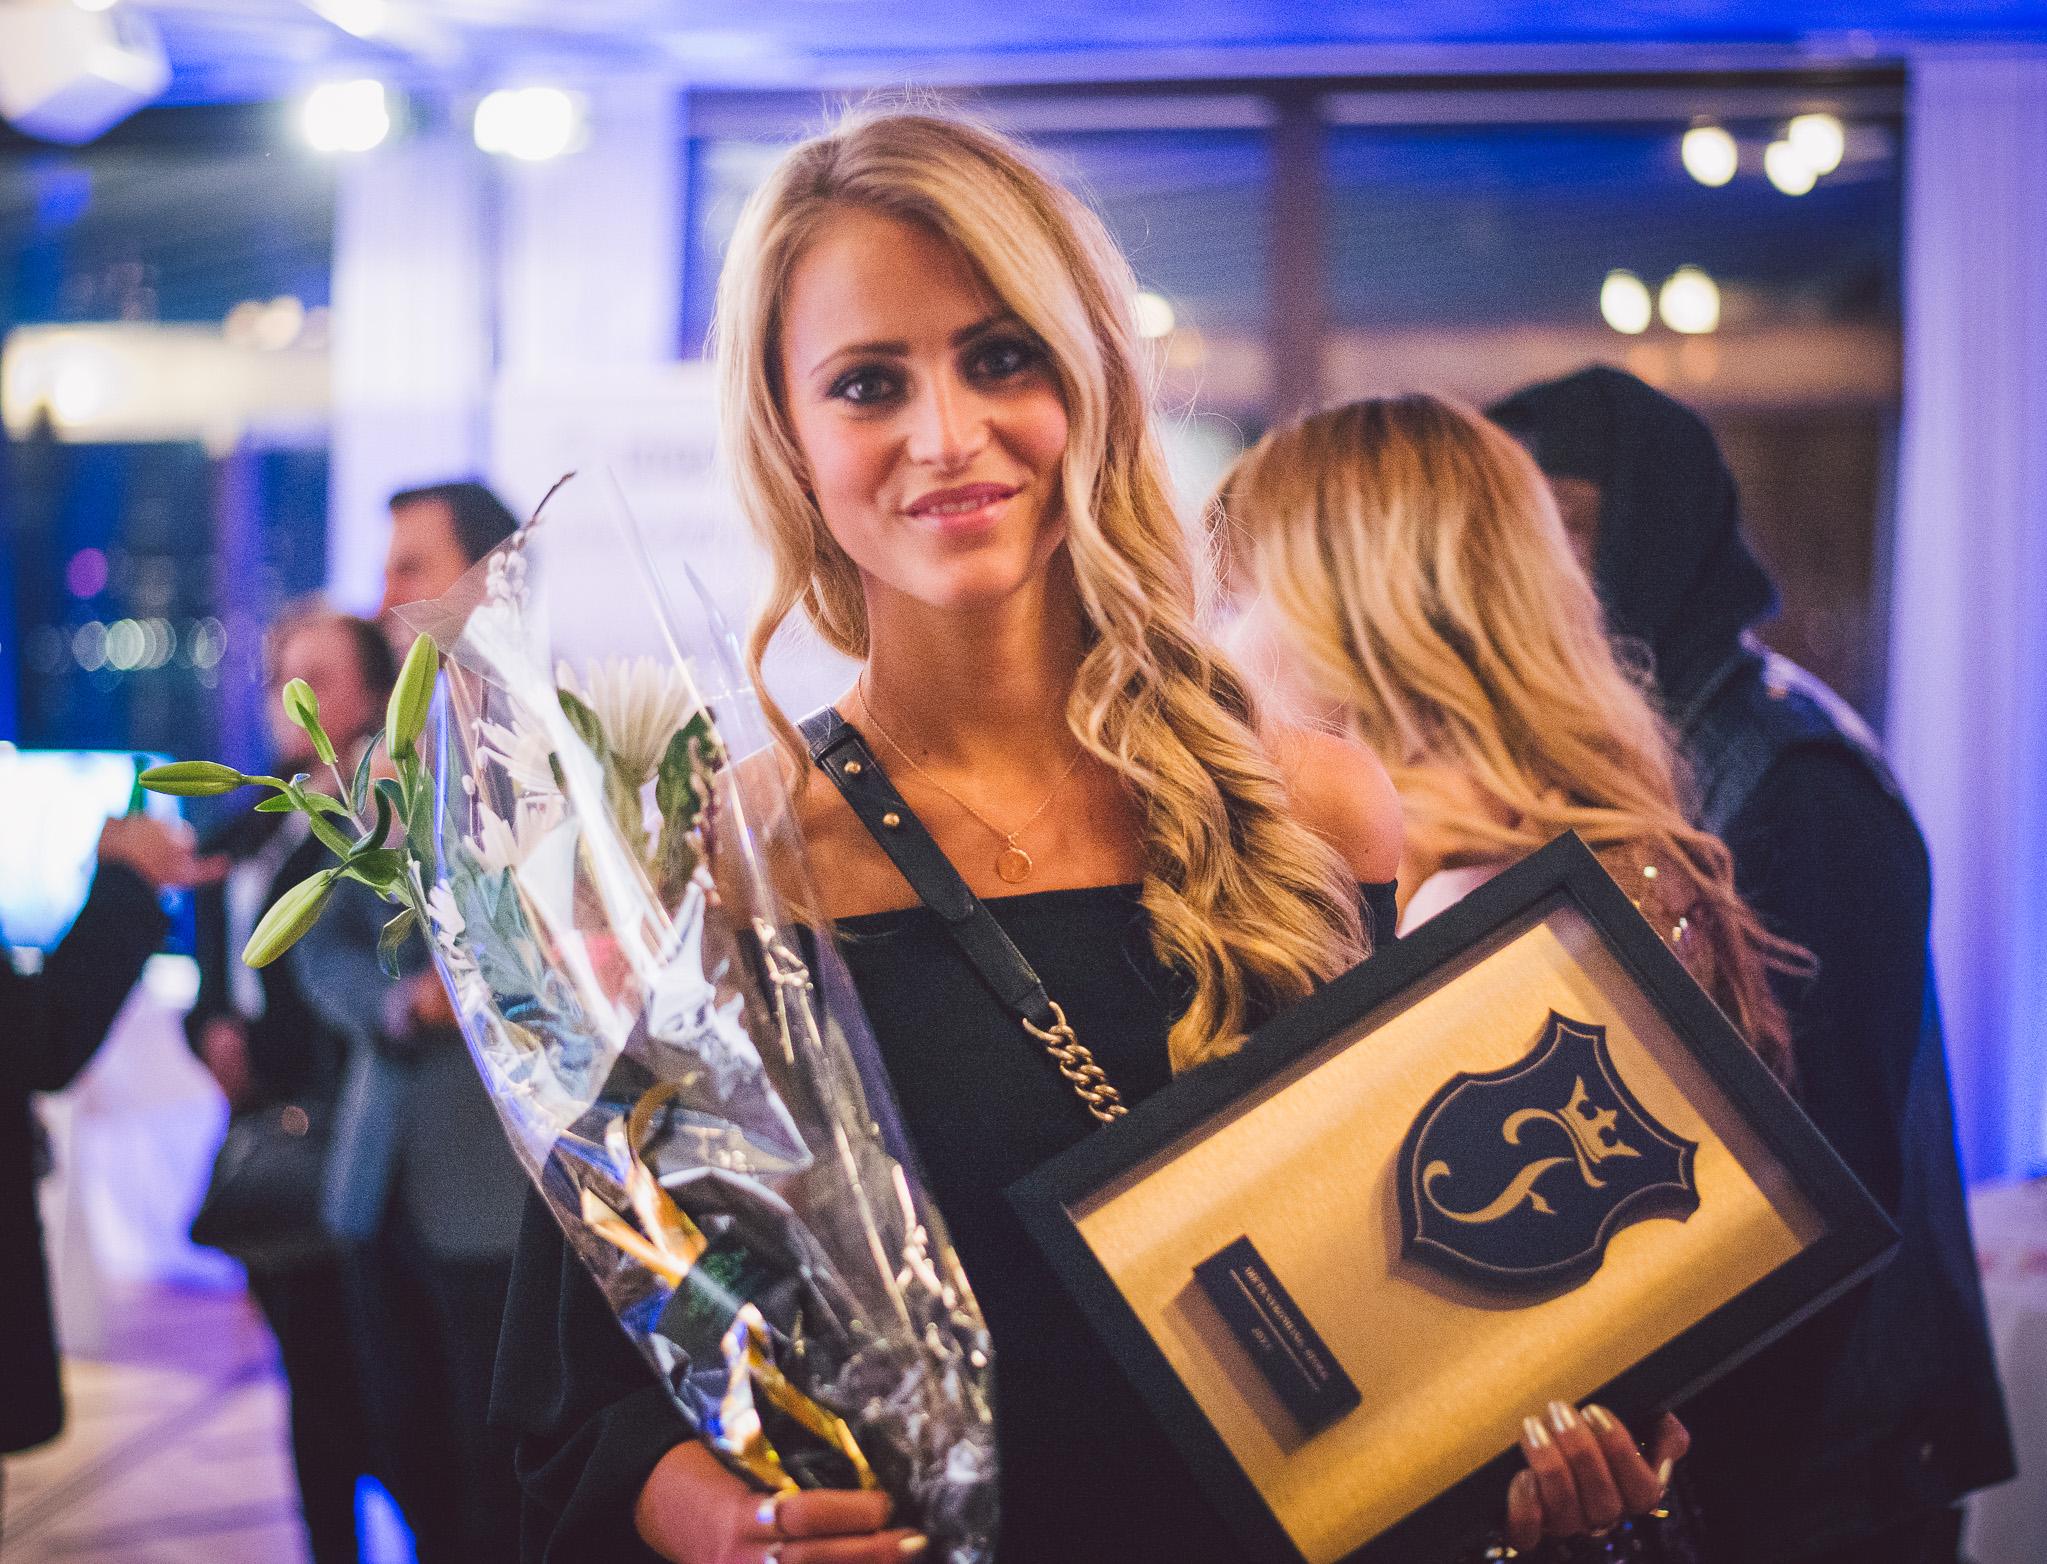 janni-deler-finest-award-winnerDSC_6215